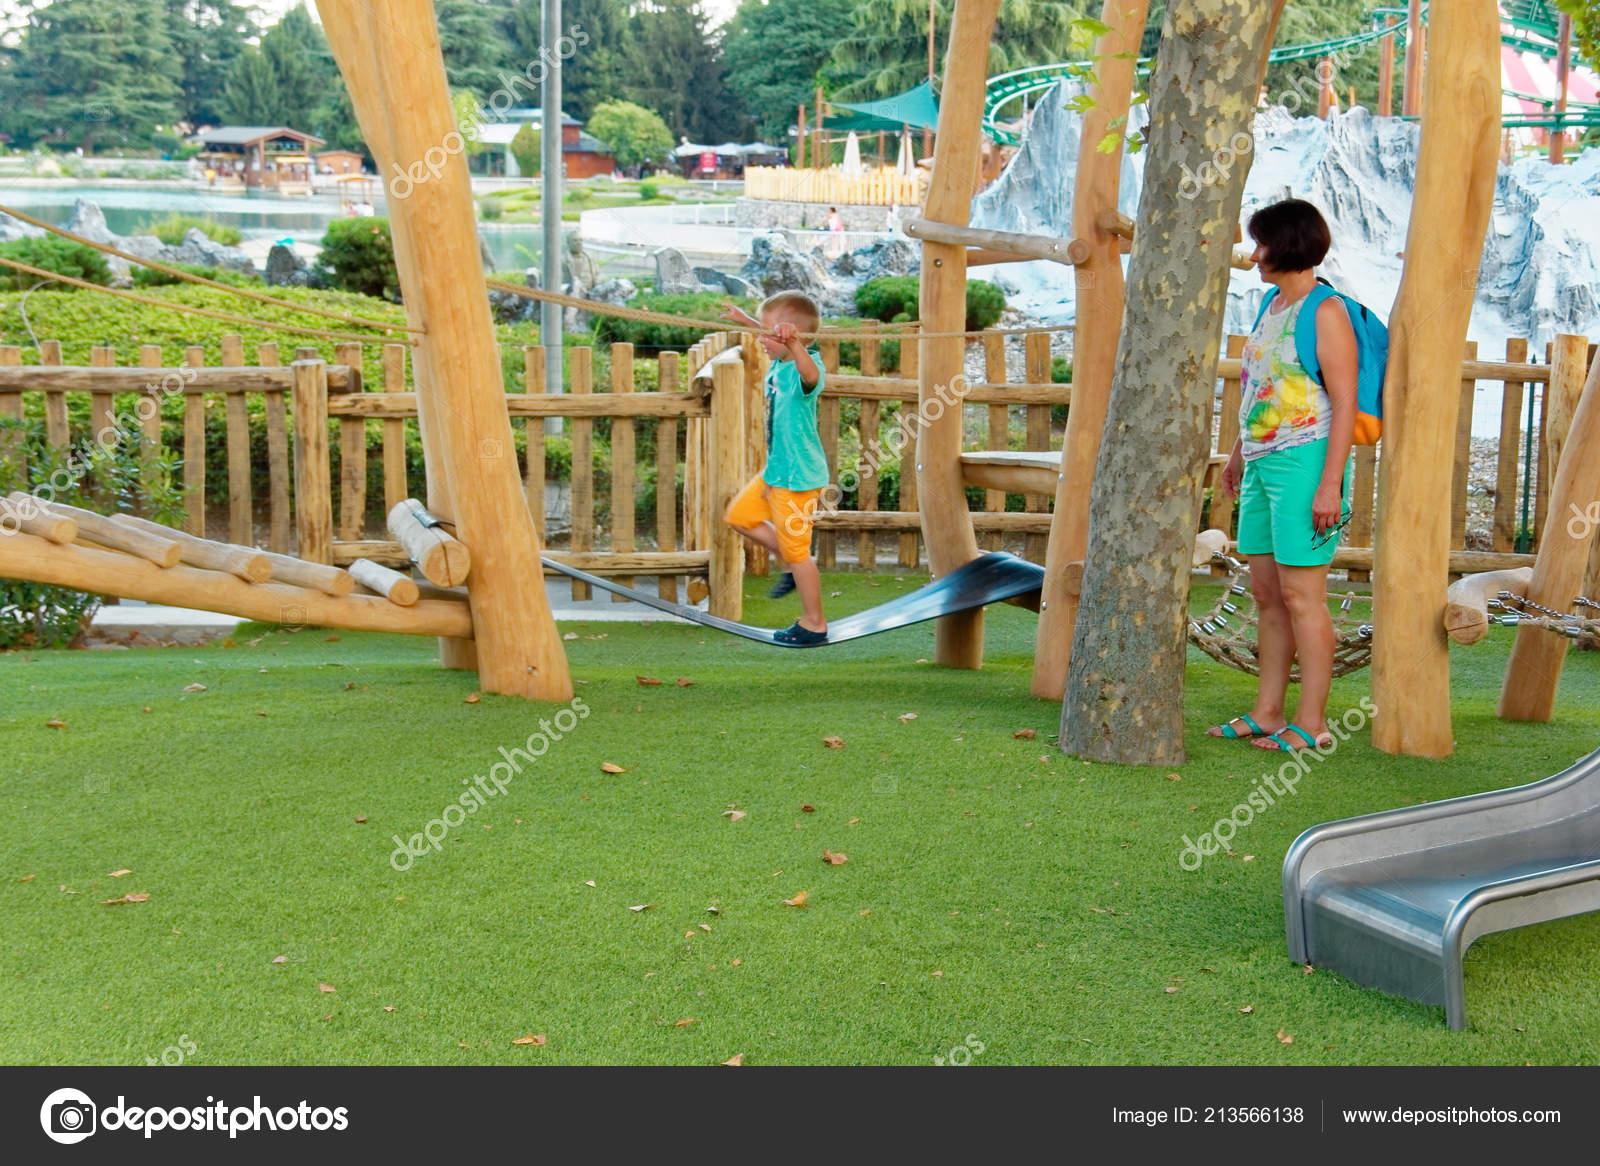 Verona Italia Agosto 2018 Parque Atracciones Leoland Juegos